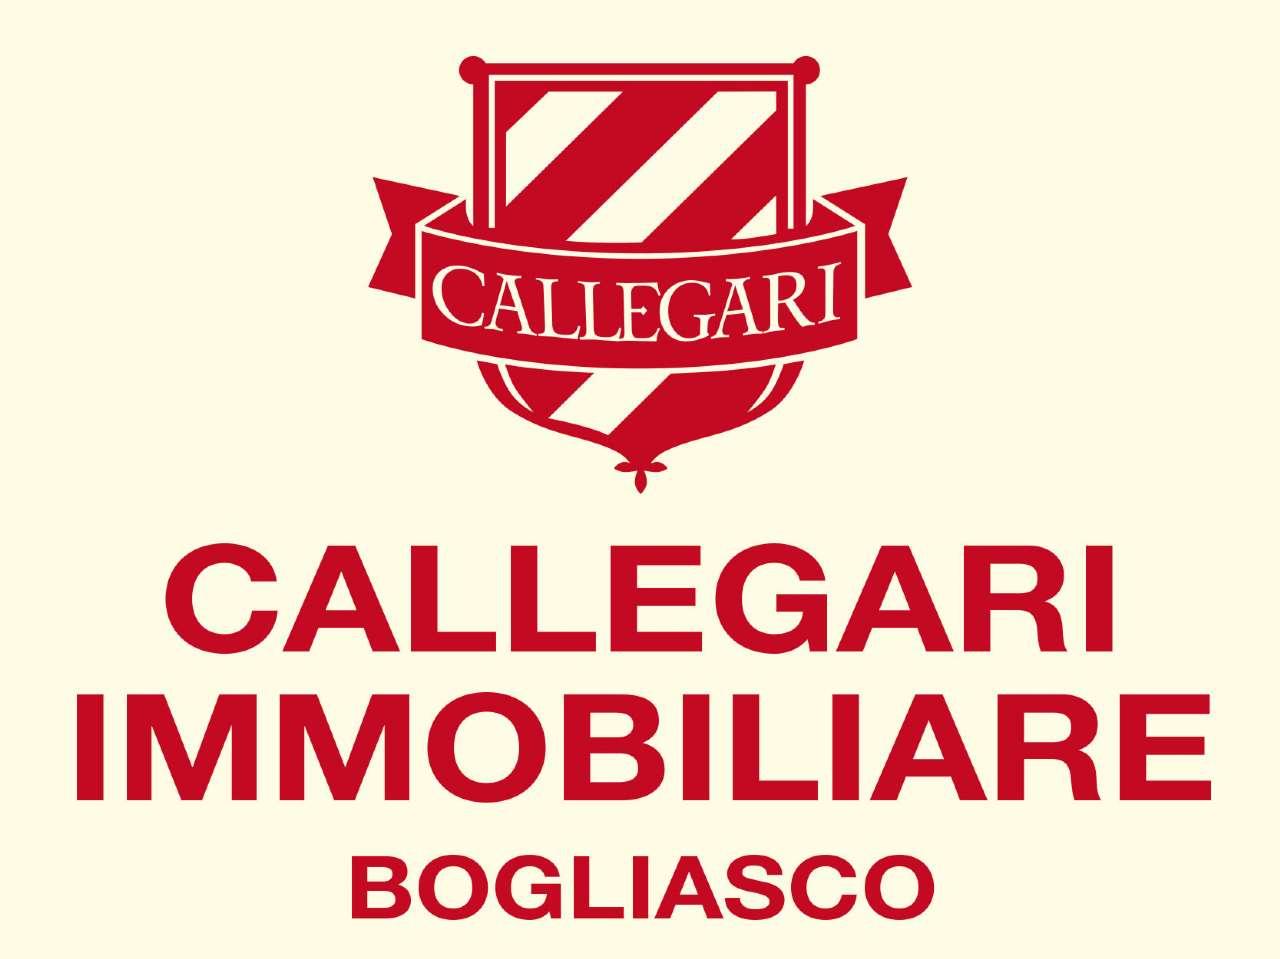 Bogliasco sul mare mq 160 + terrazza Callegari 010.3471027